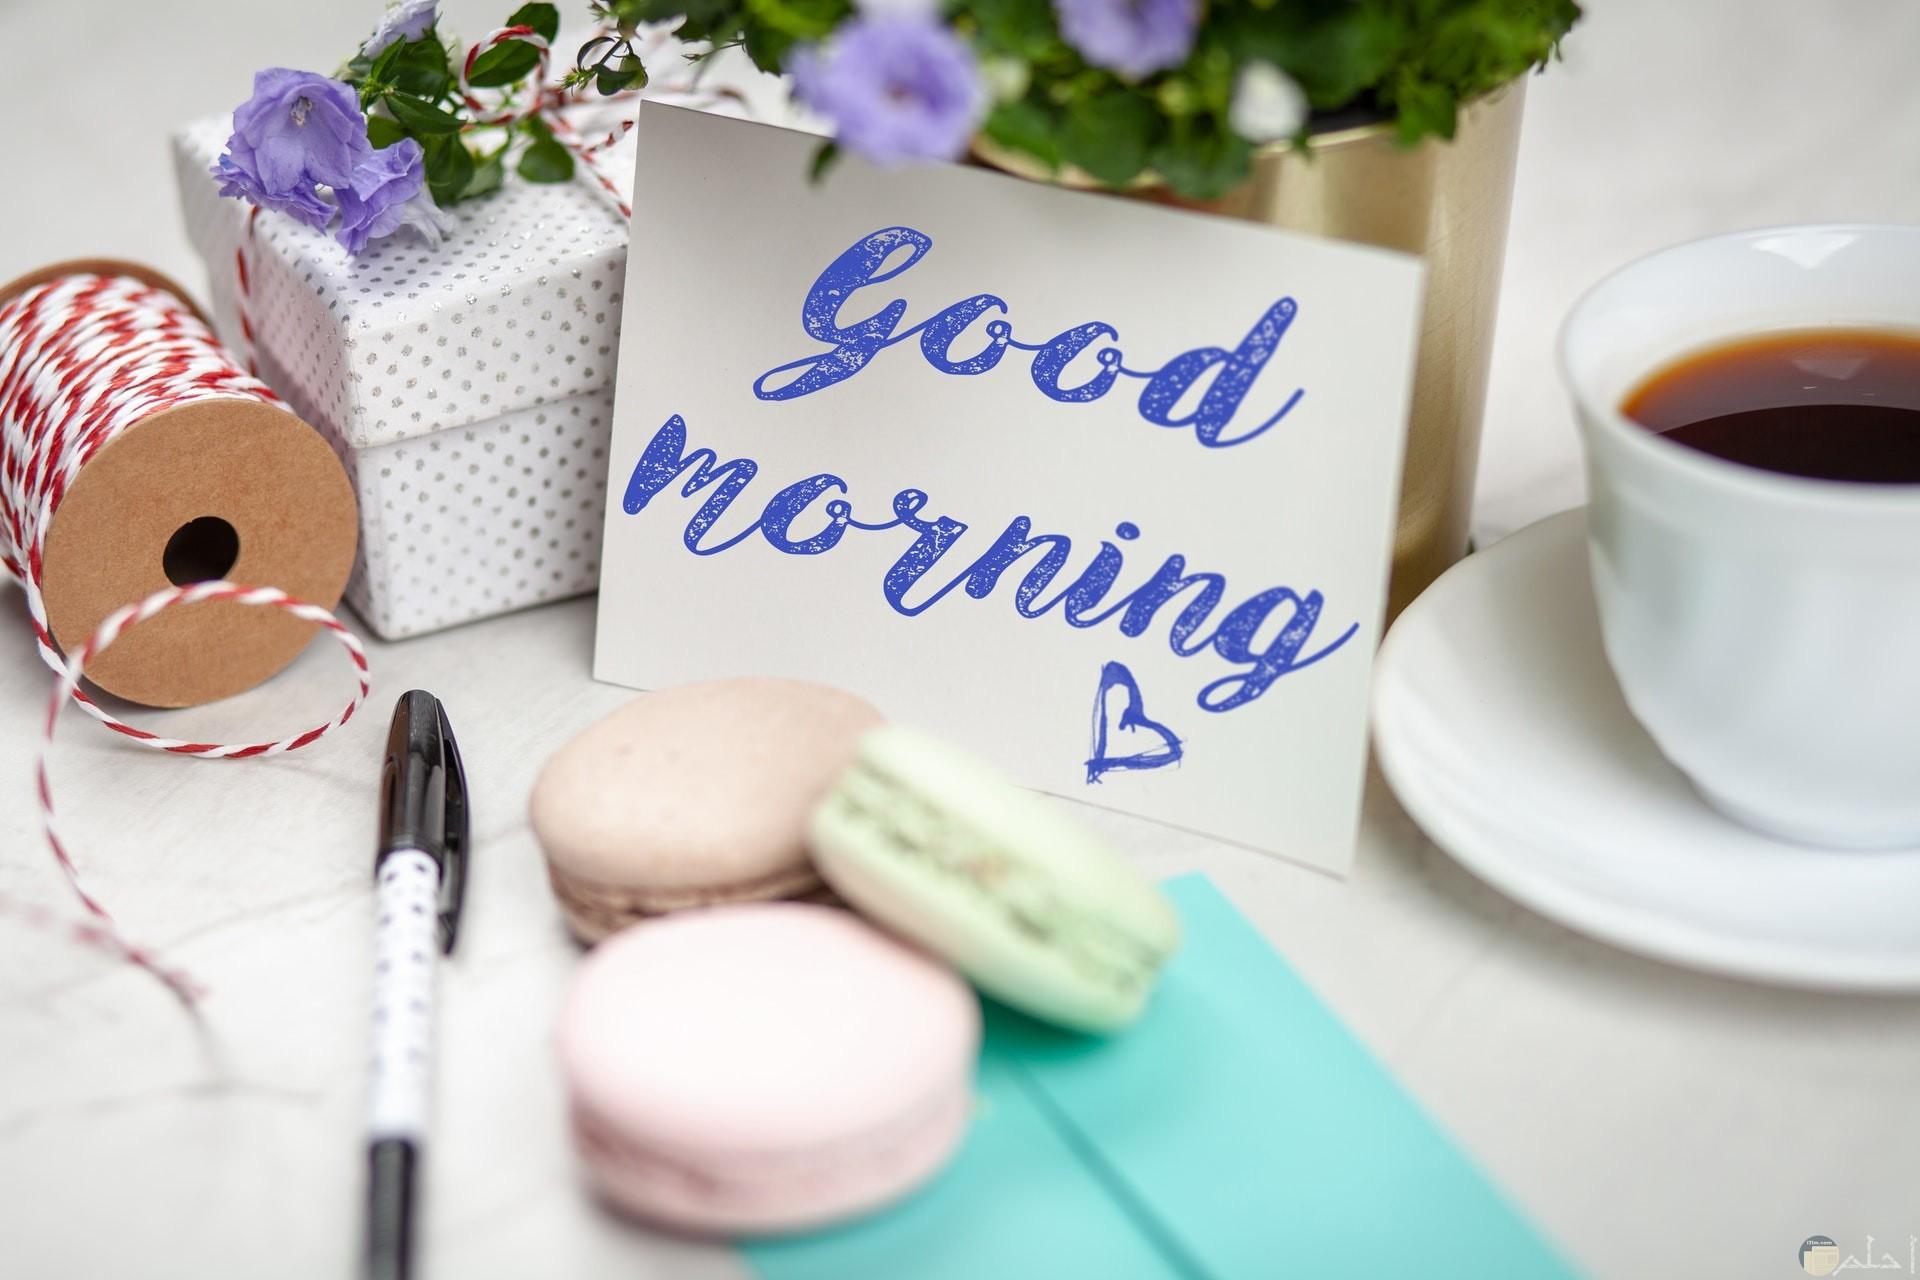 صورة تحية الصباح بالإنكليزي مكتوبه بلون بنفسجي مميز مع حلويات لذيذة